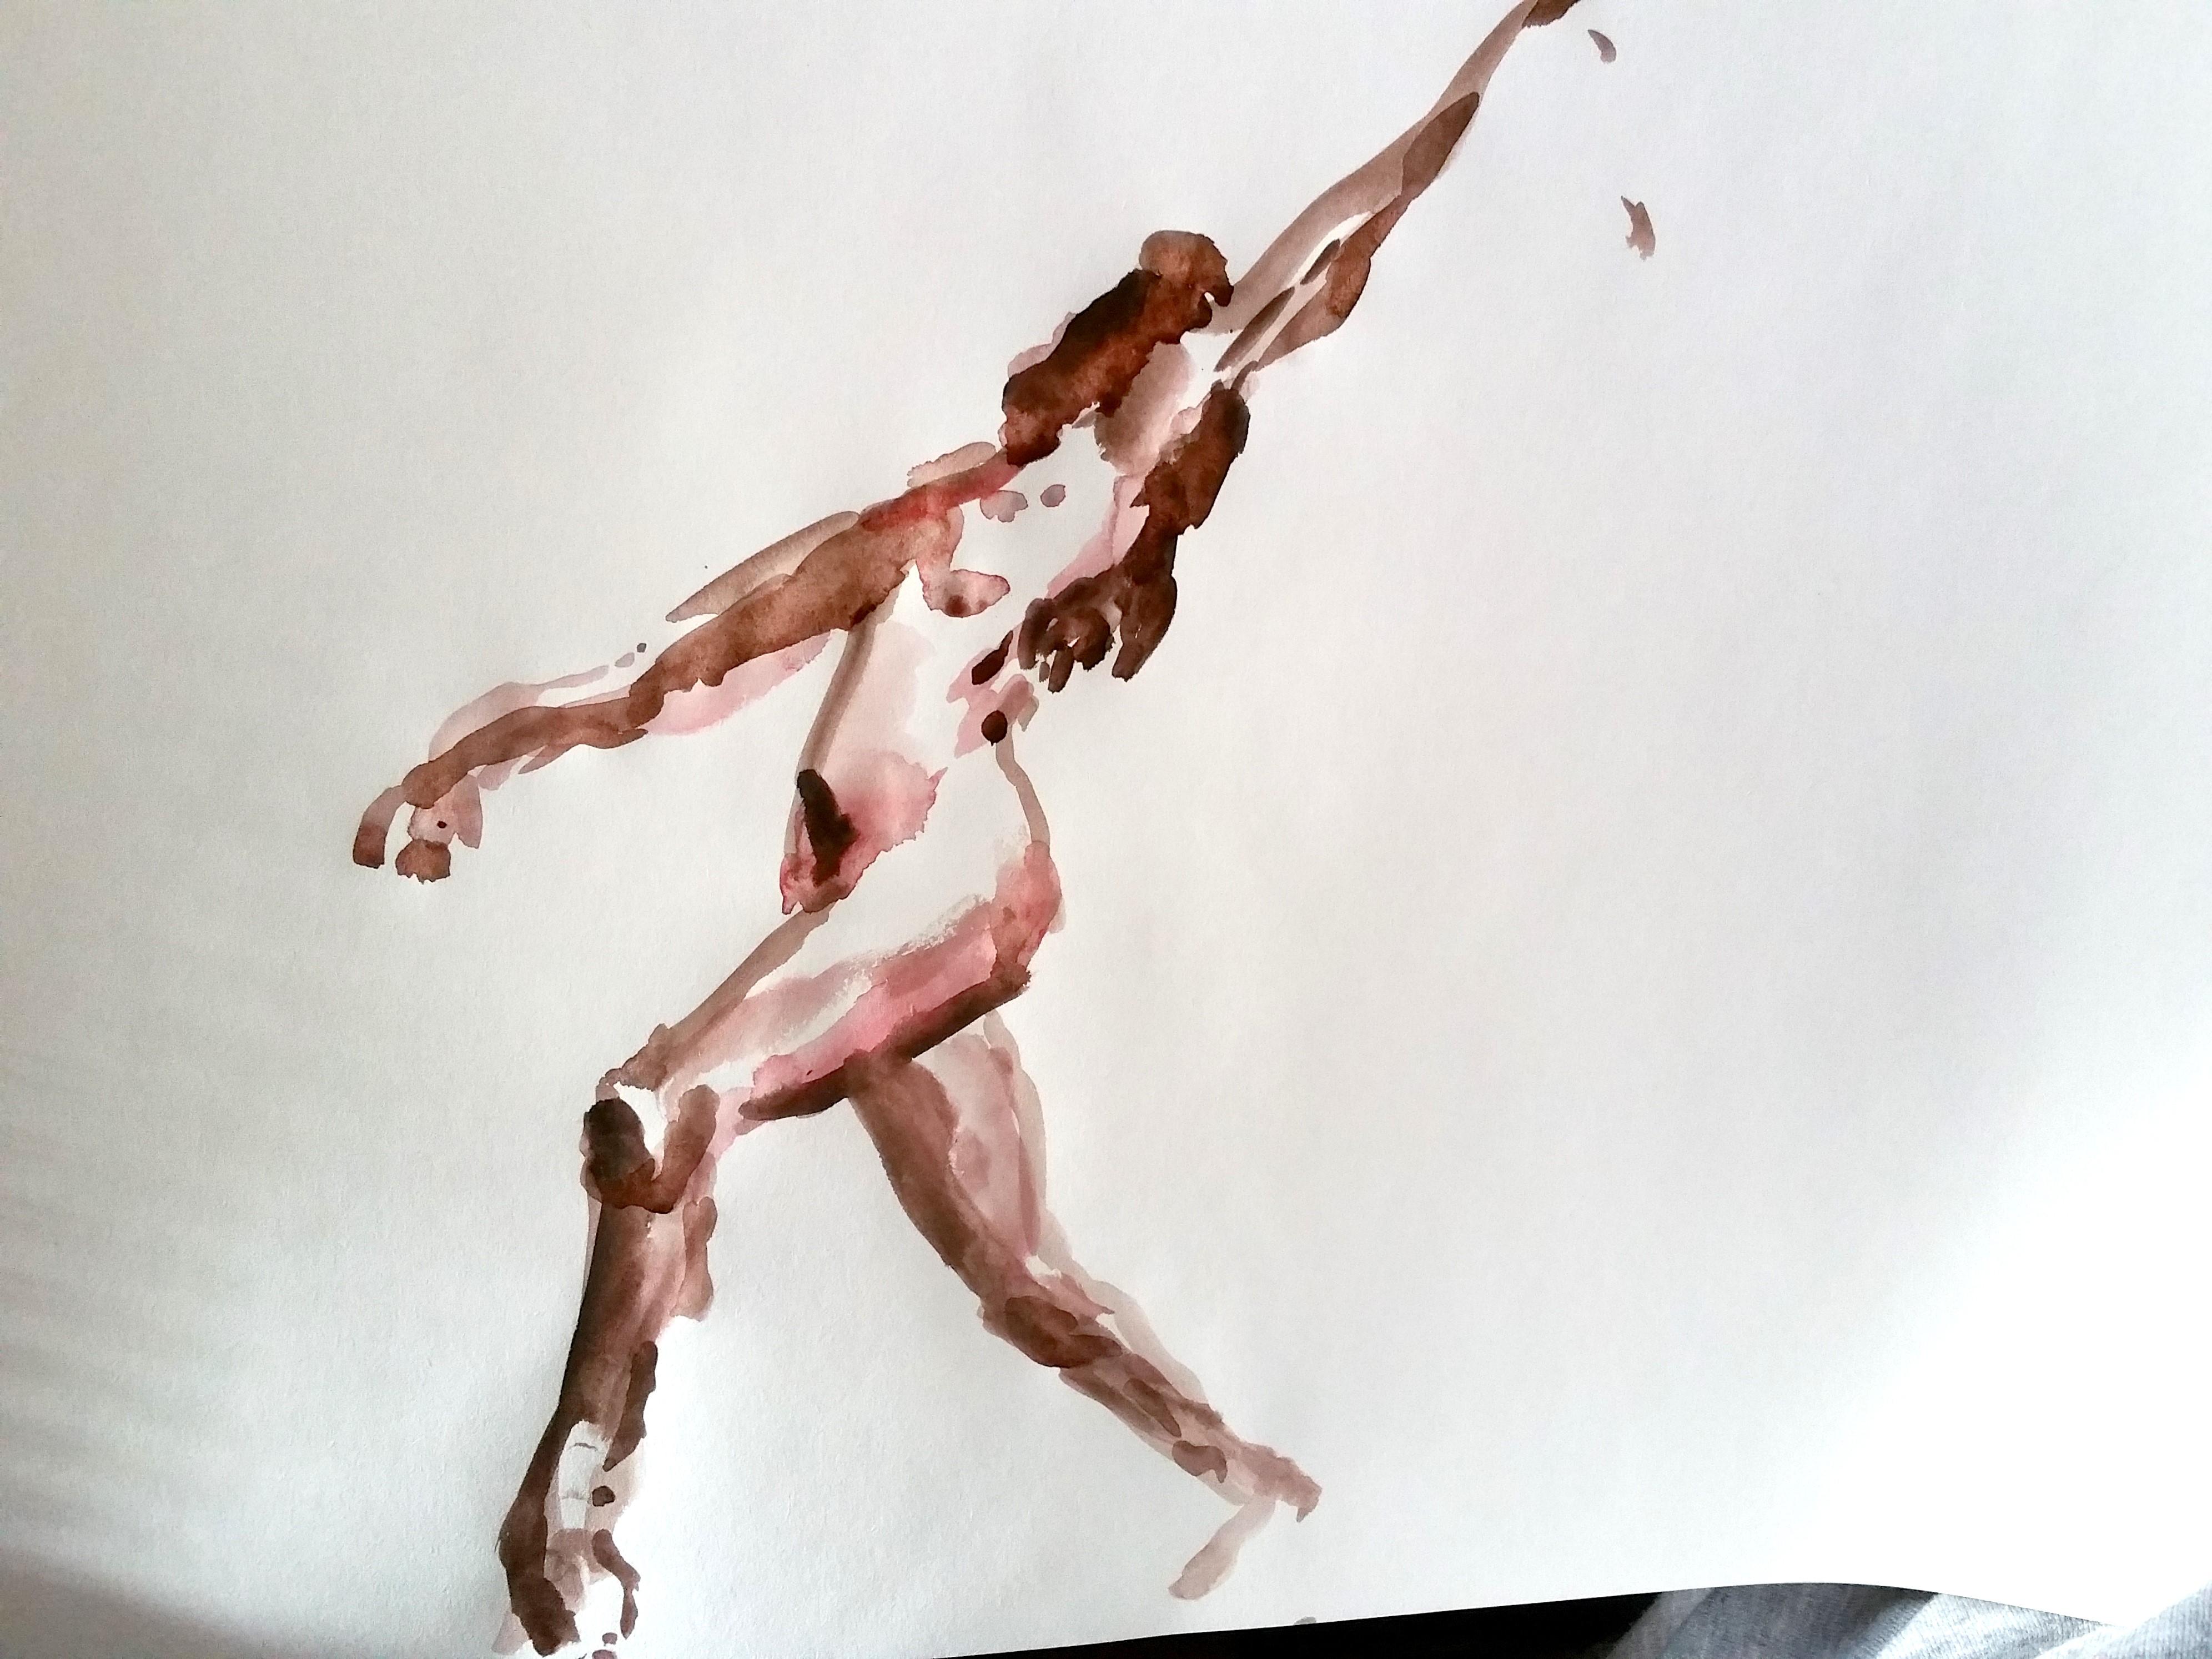 Aquarelles danseuse extension trois quarts face femme  cours de dessin